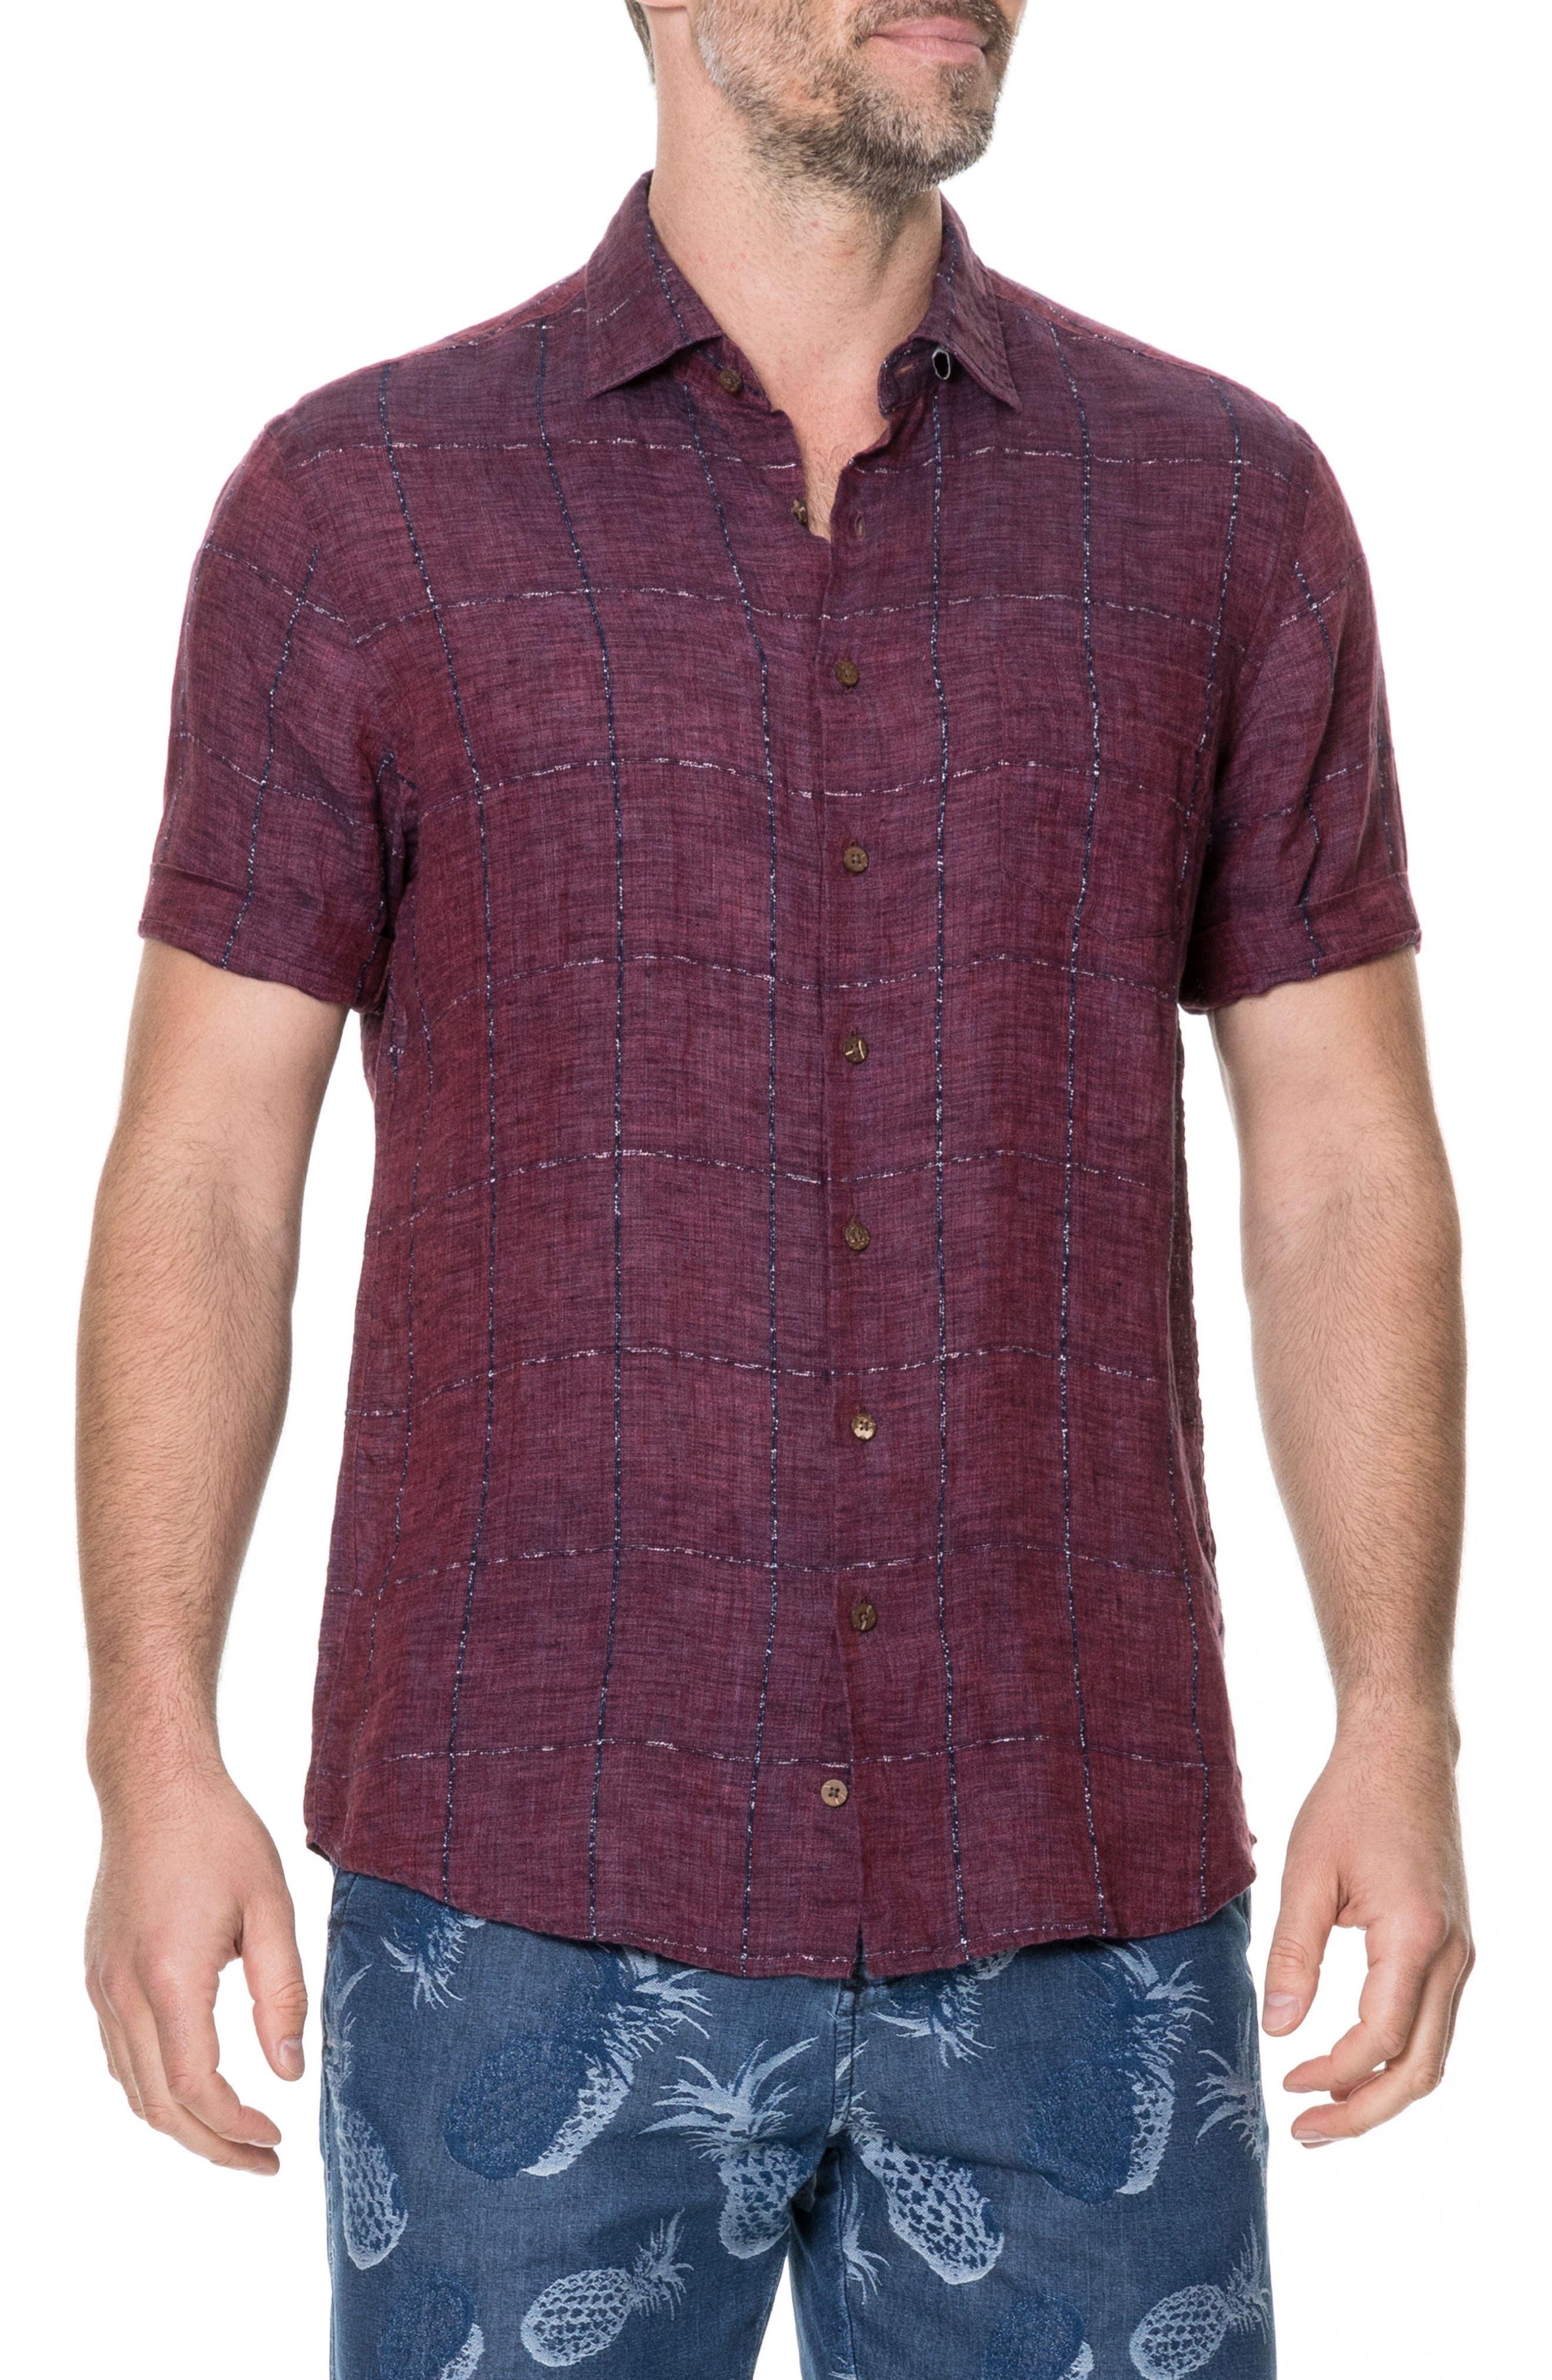 Alternate Image 1 Selected - Rodd & Gunn Saddleback Regular Fit Sport Shirt